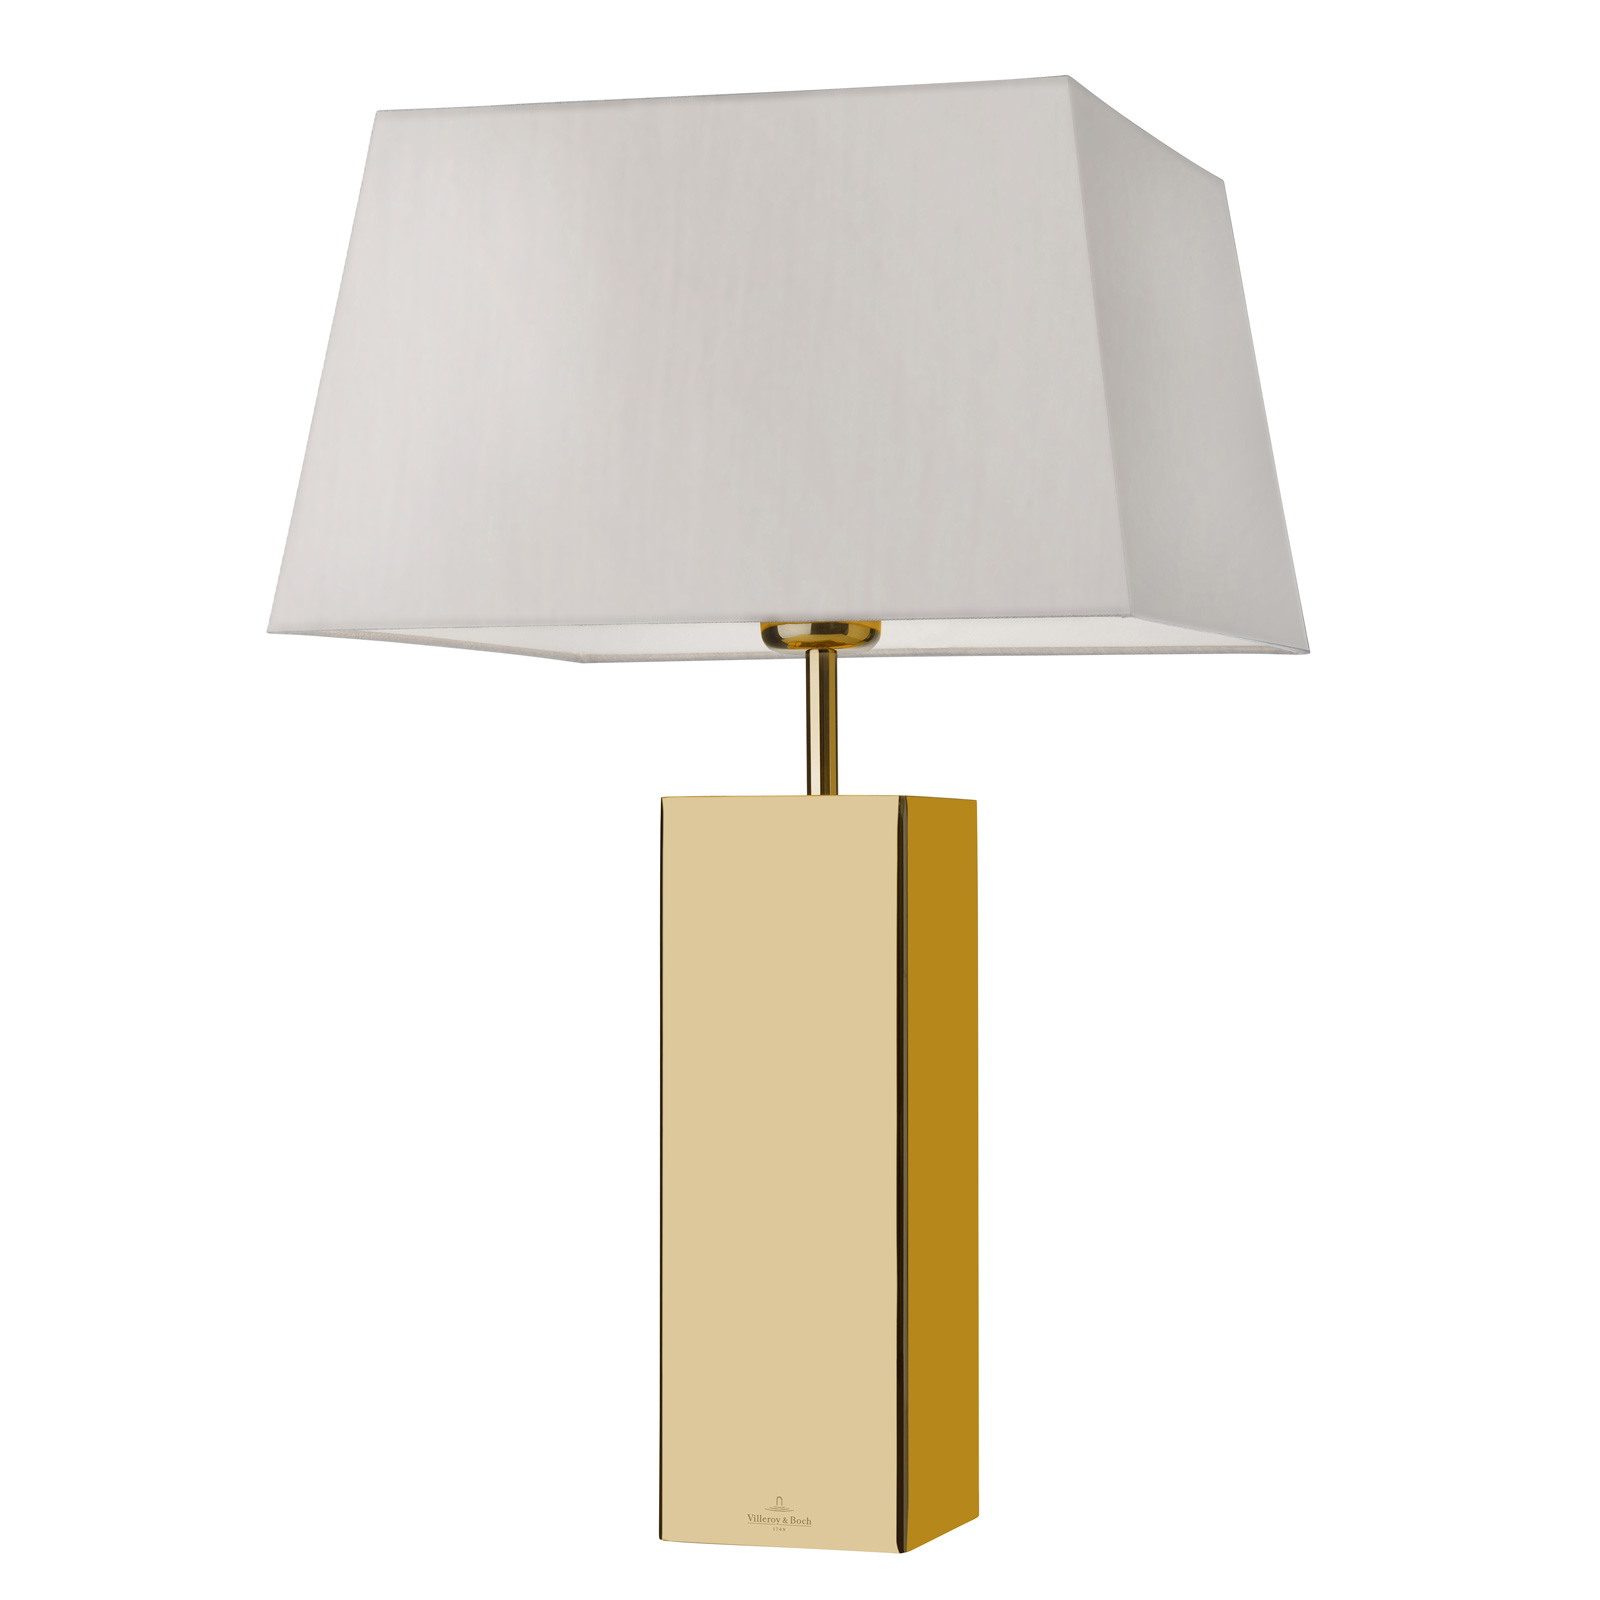 Villeroy & Boch Prague lampe à poser aspect doré